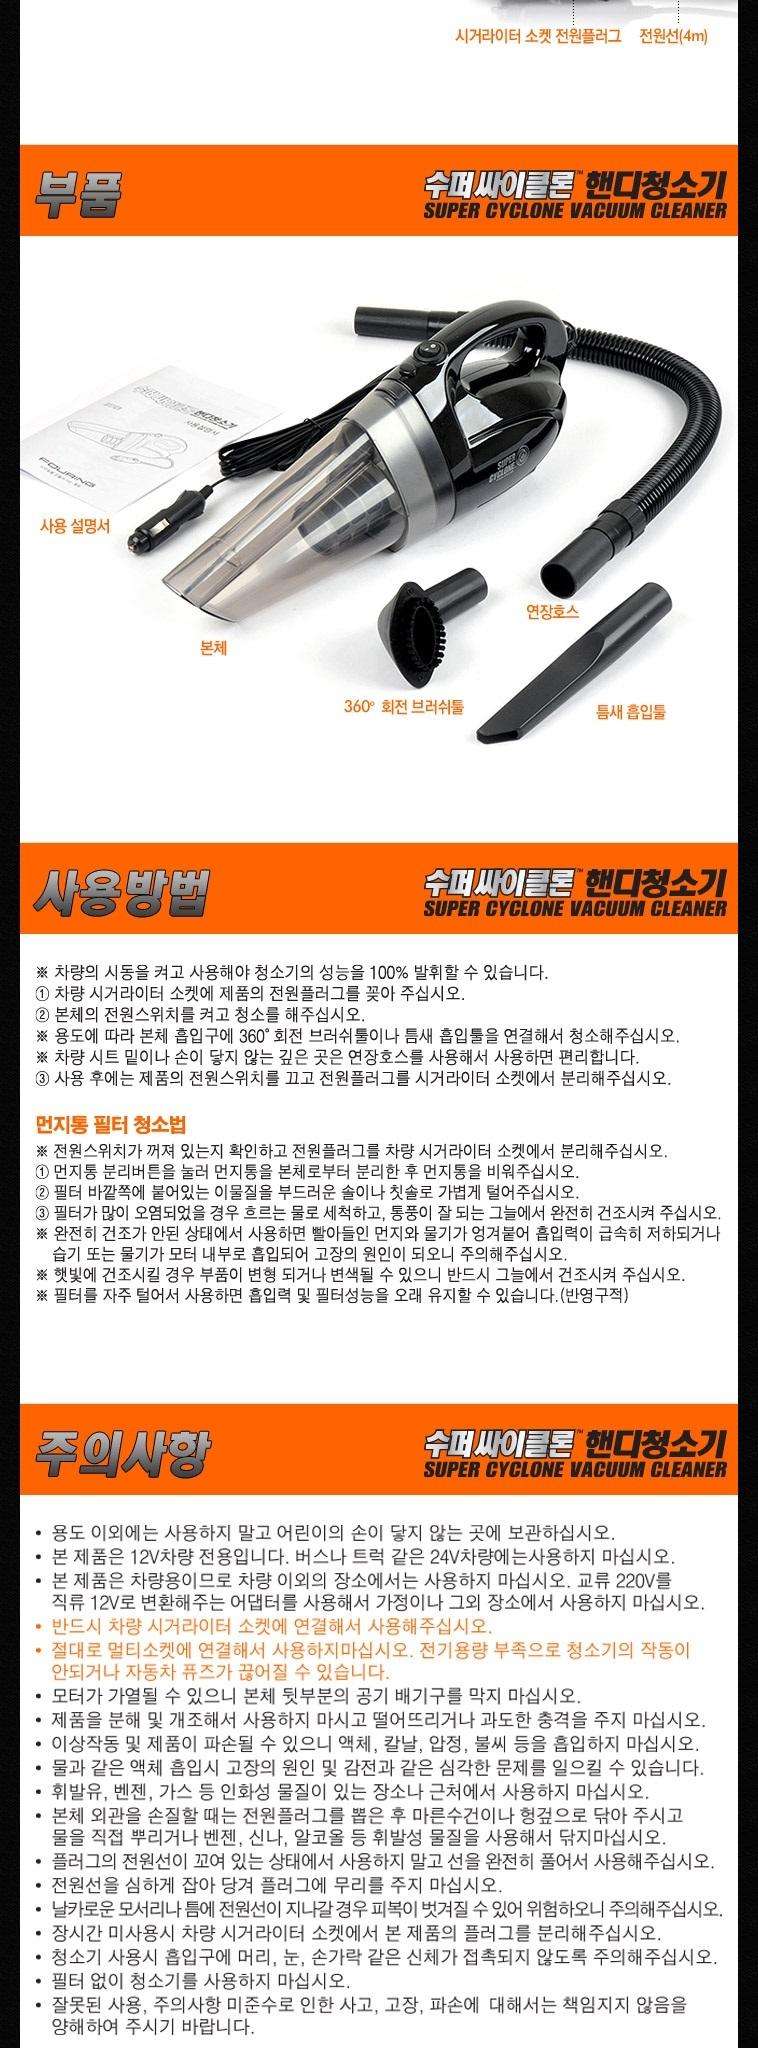 [마이카] 공용 슈퍼 싸이클론 청소기 - 상세정보